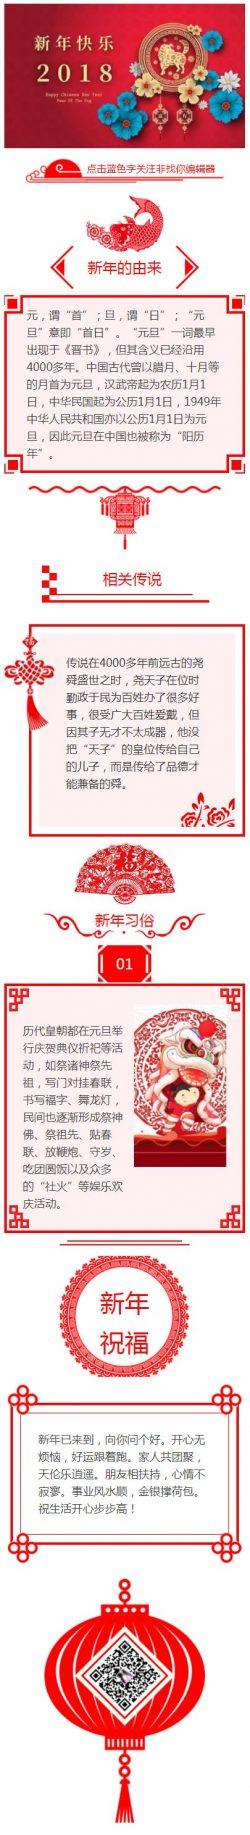 农历中国风新年元旦红色喜庆风格模板